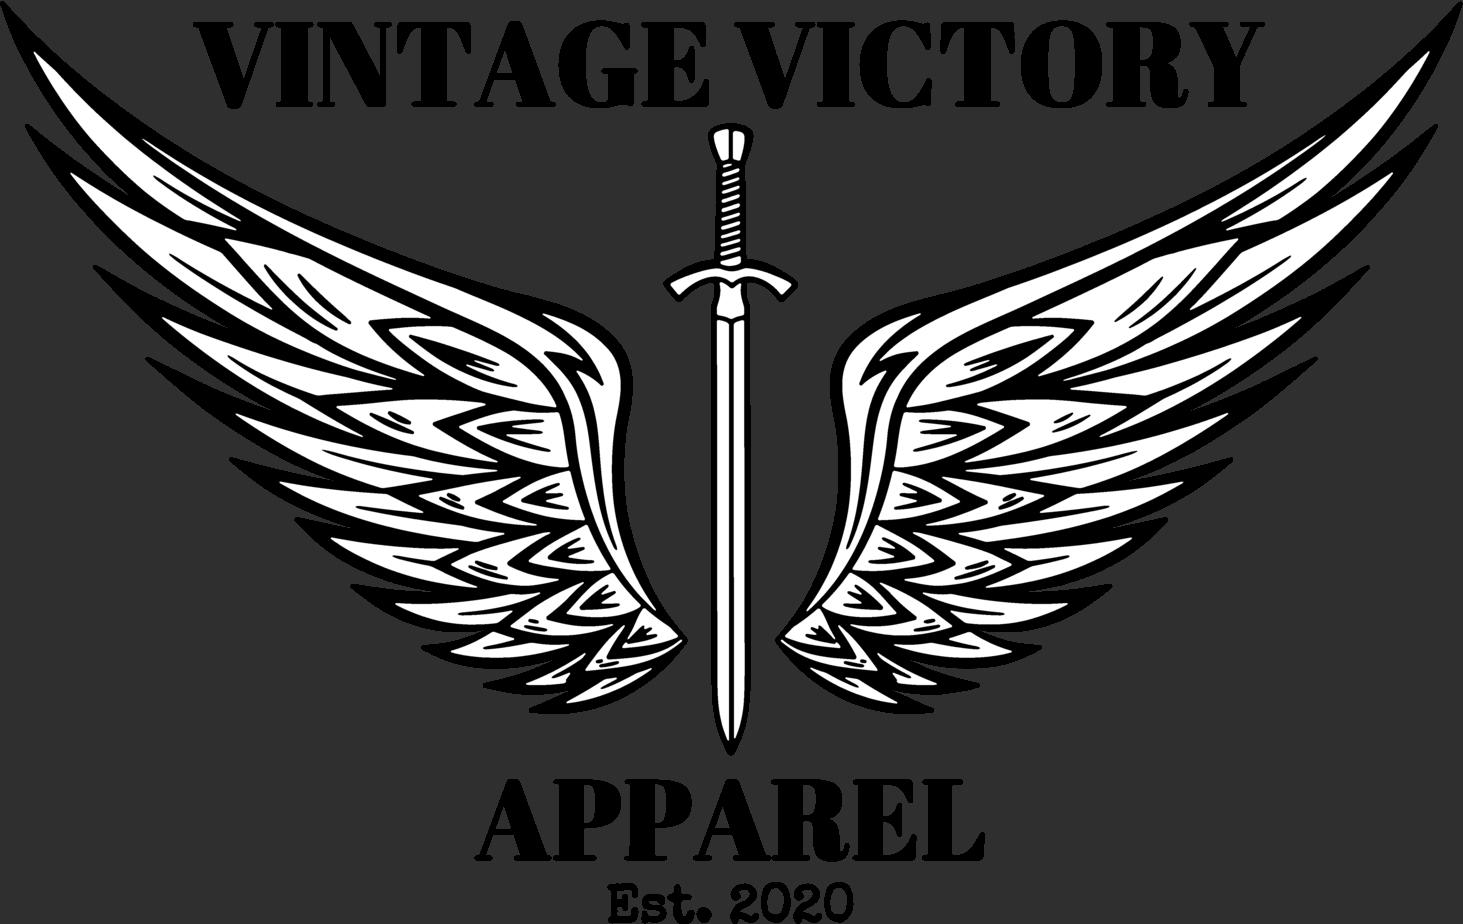 Vintage Victory Apparel